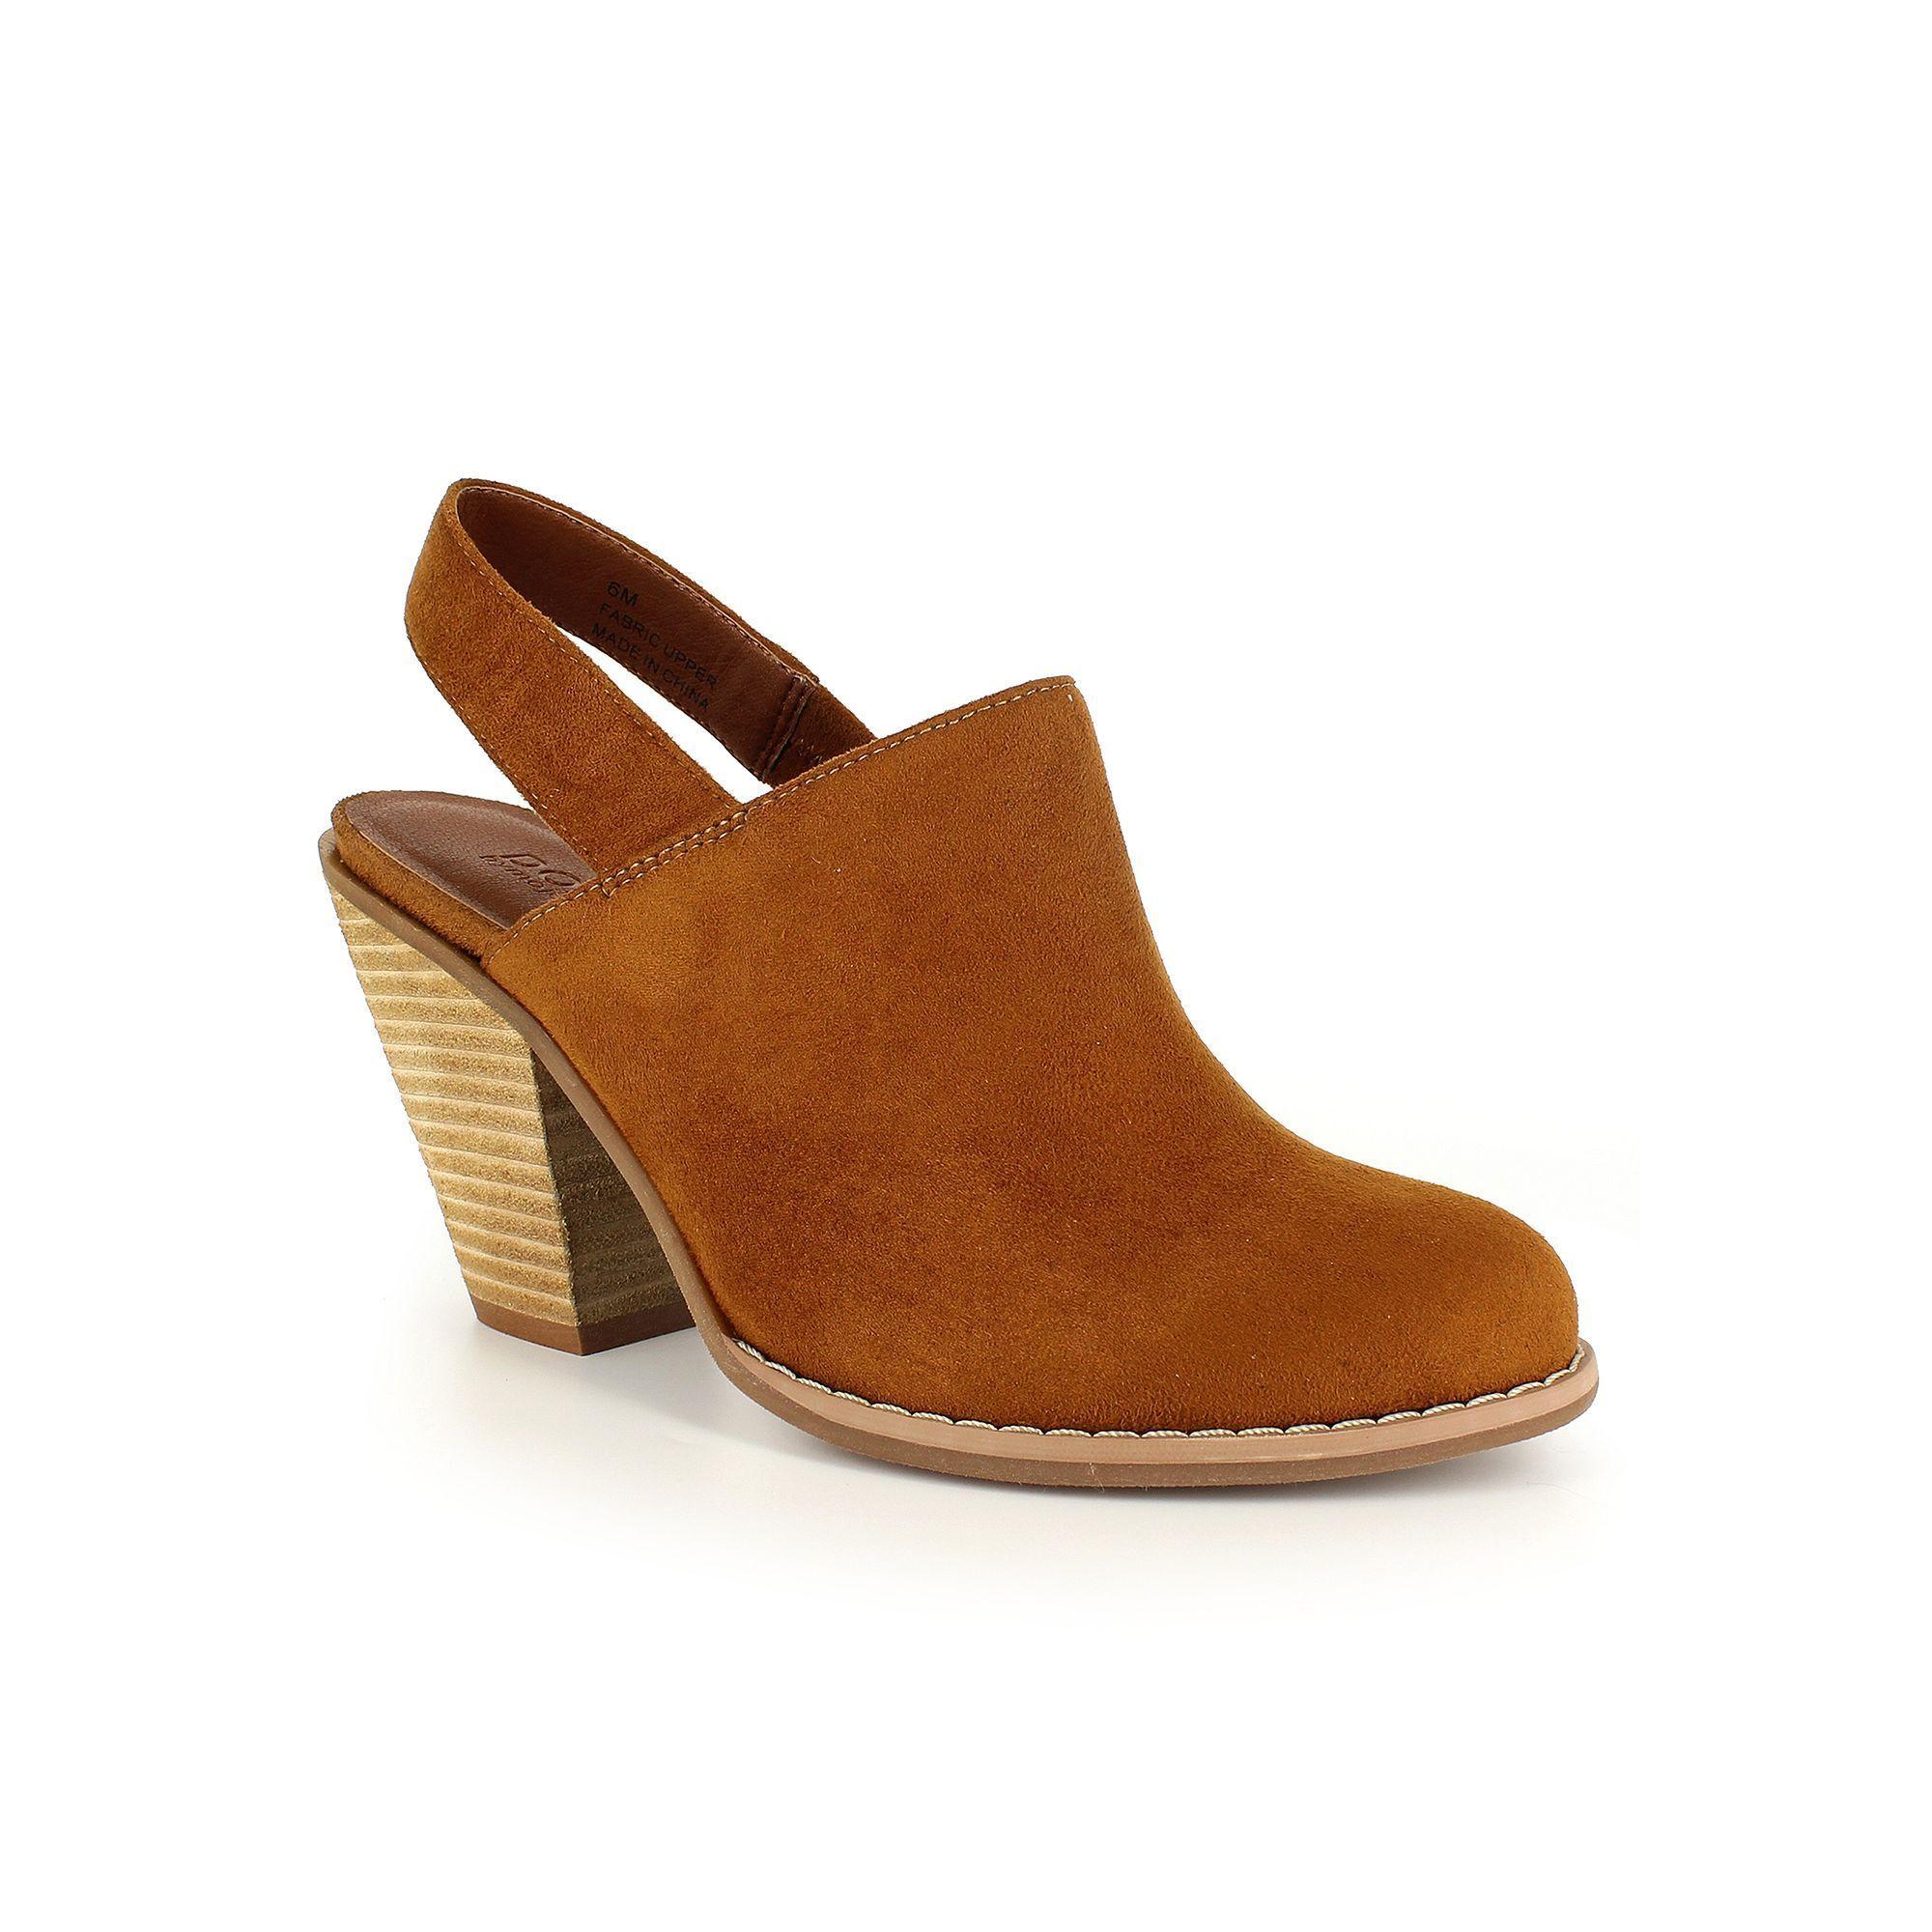 6faa0a2d22c2 Dolce by Mojo Moxy Ashton Women s High Heel Mules